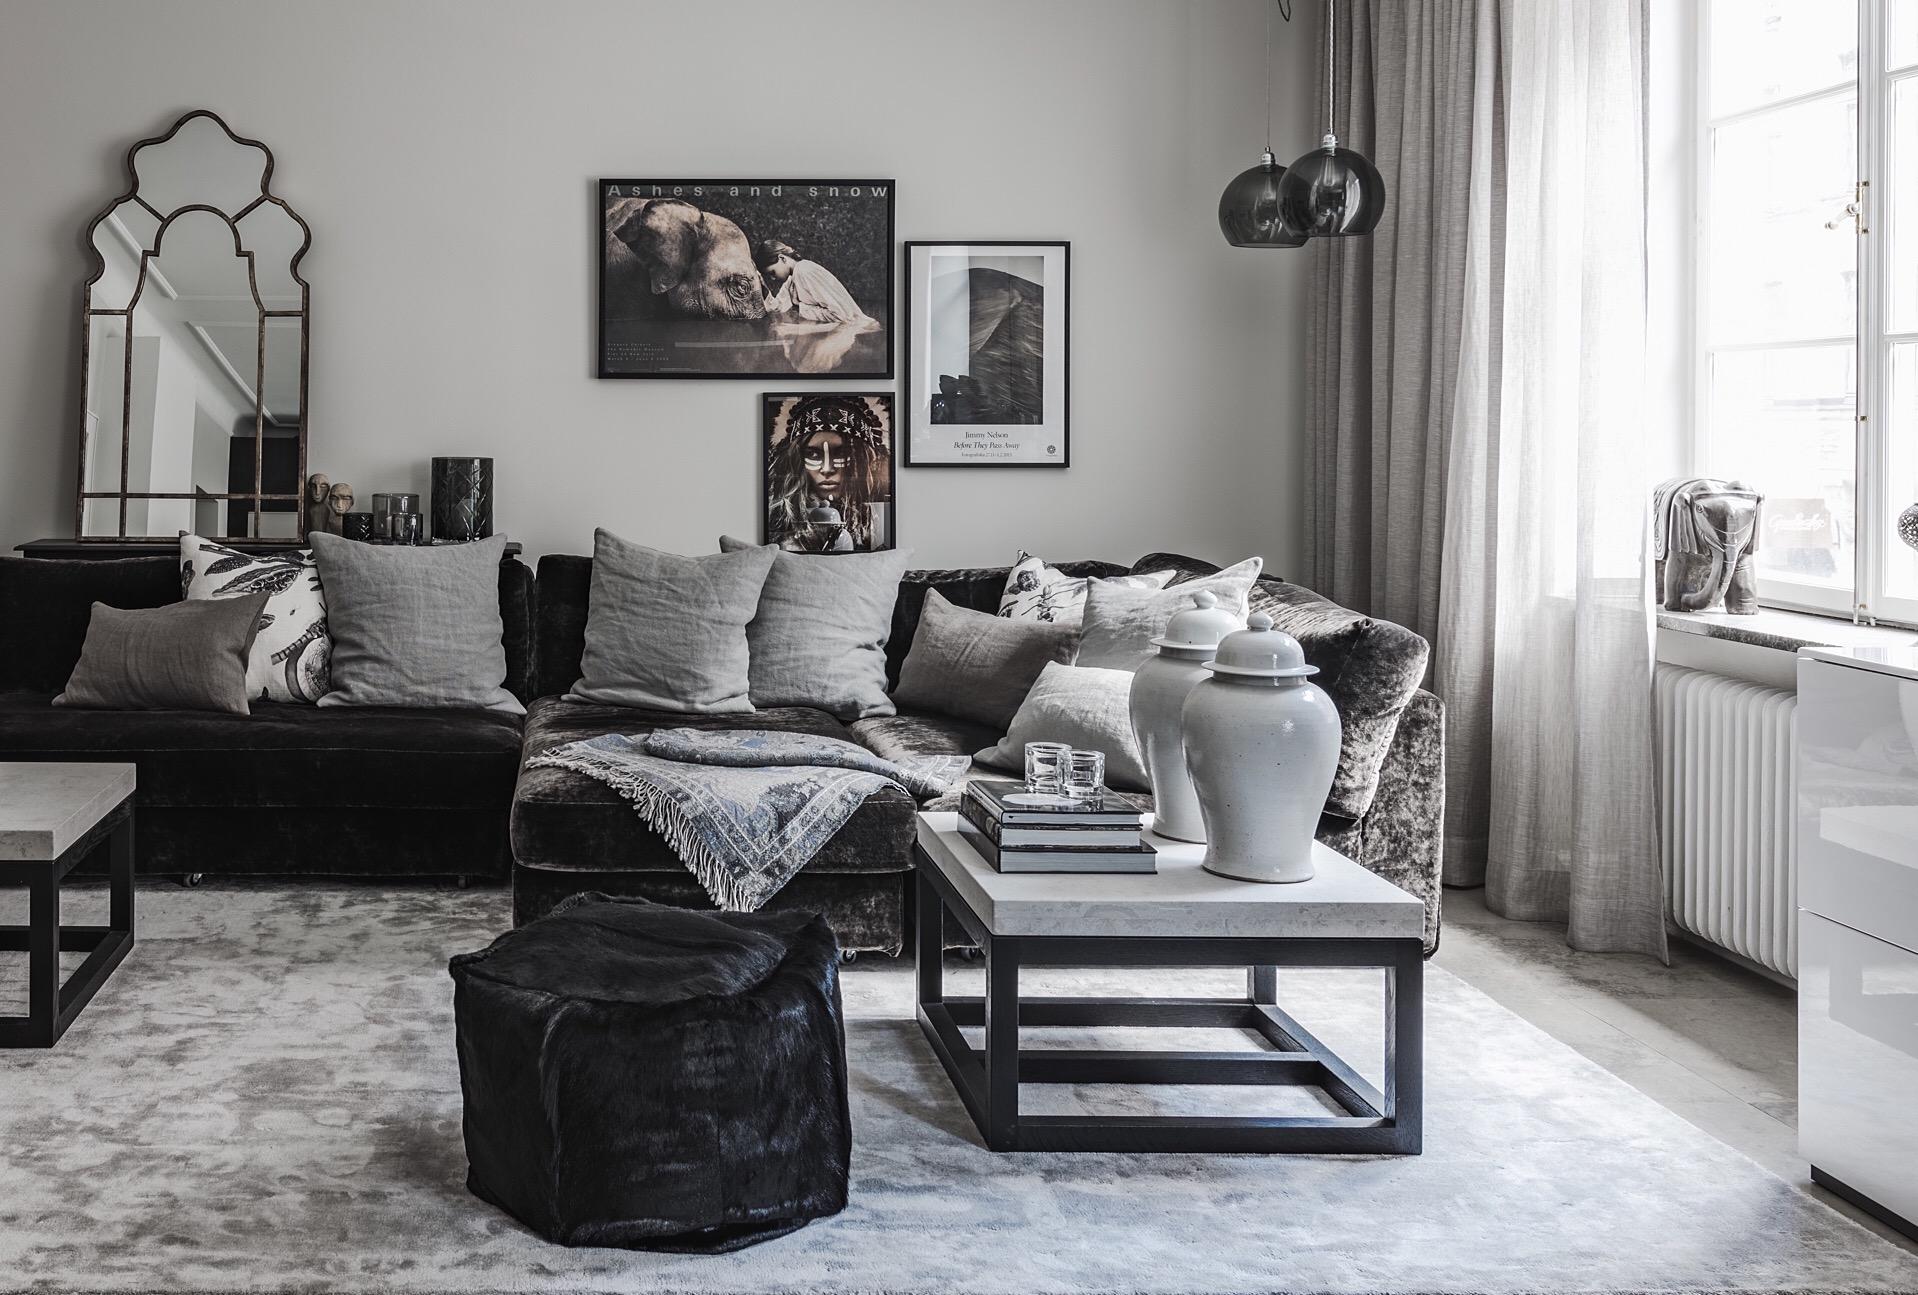 диван сварной столик вазы пуф